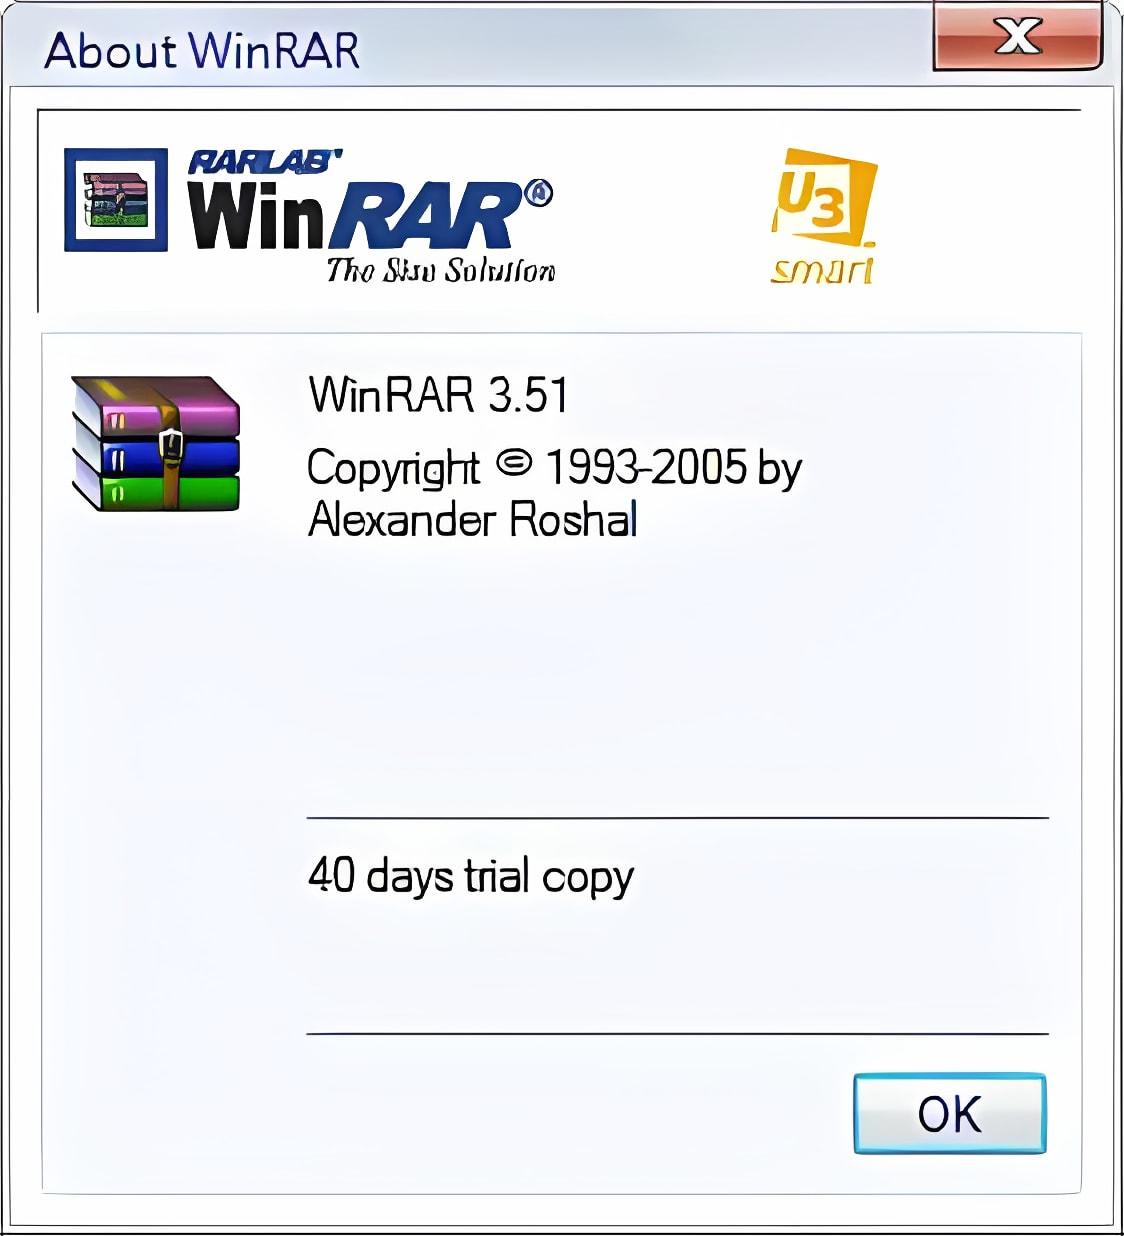 WinRAR for U3